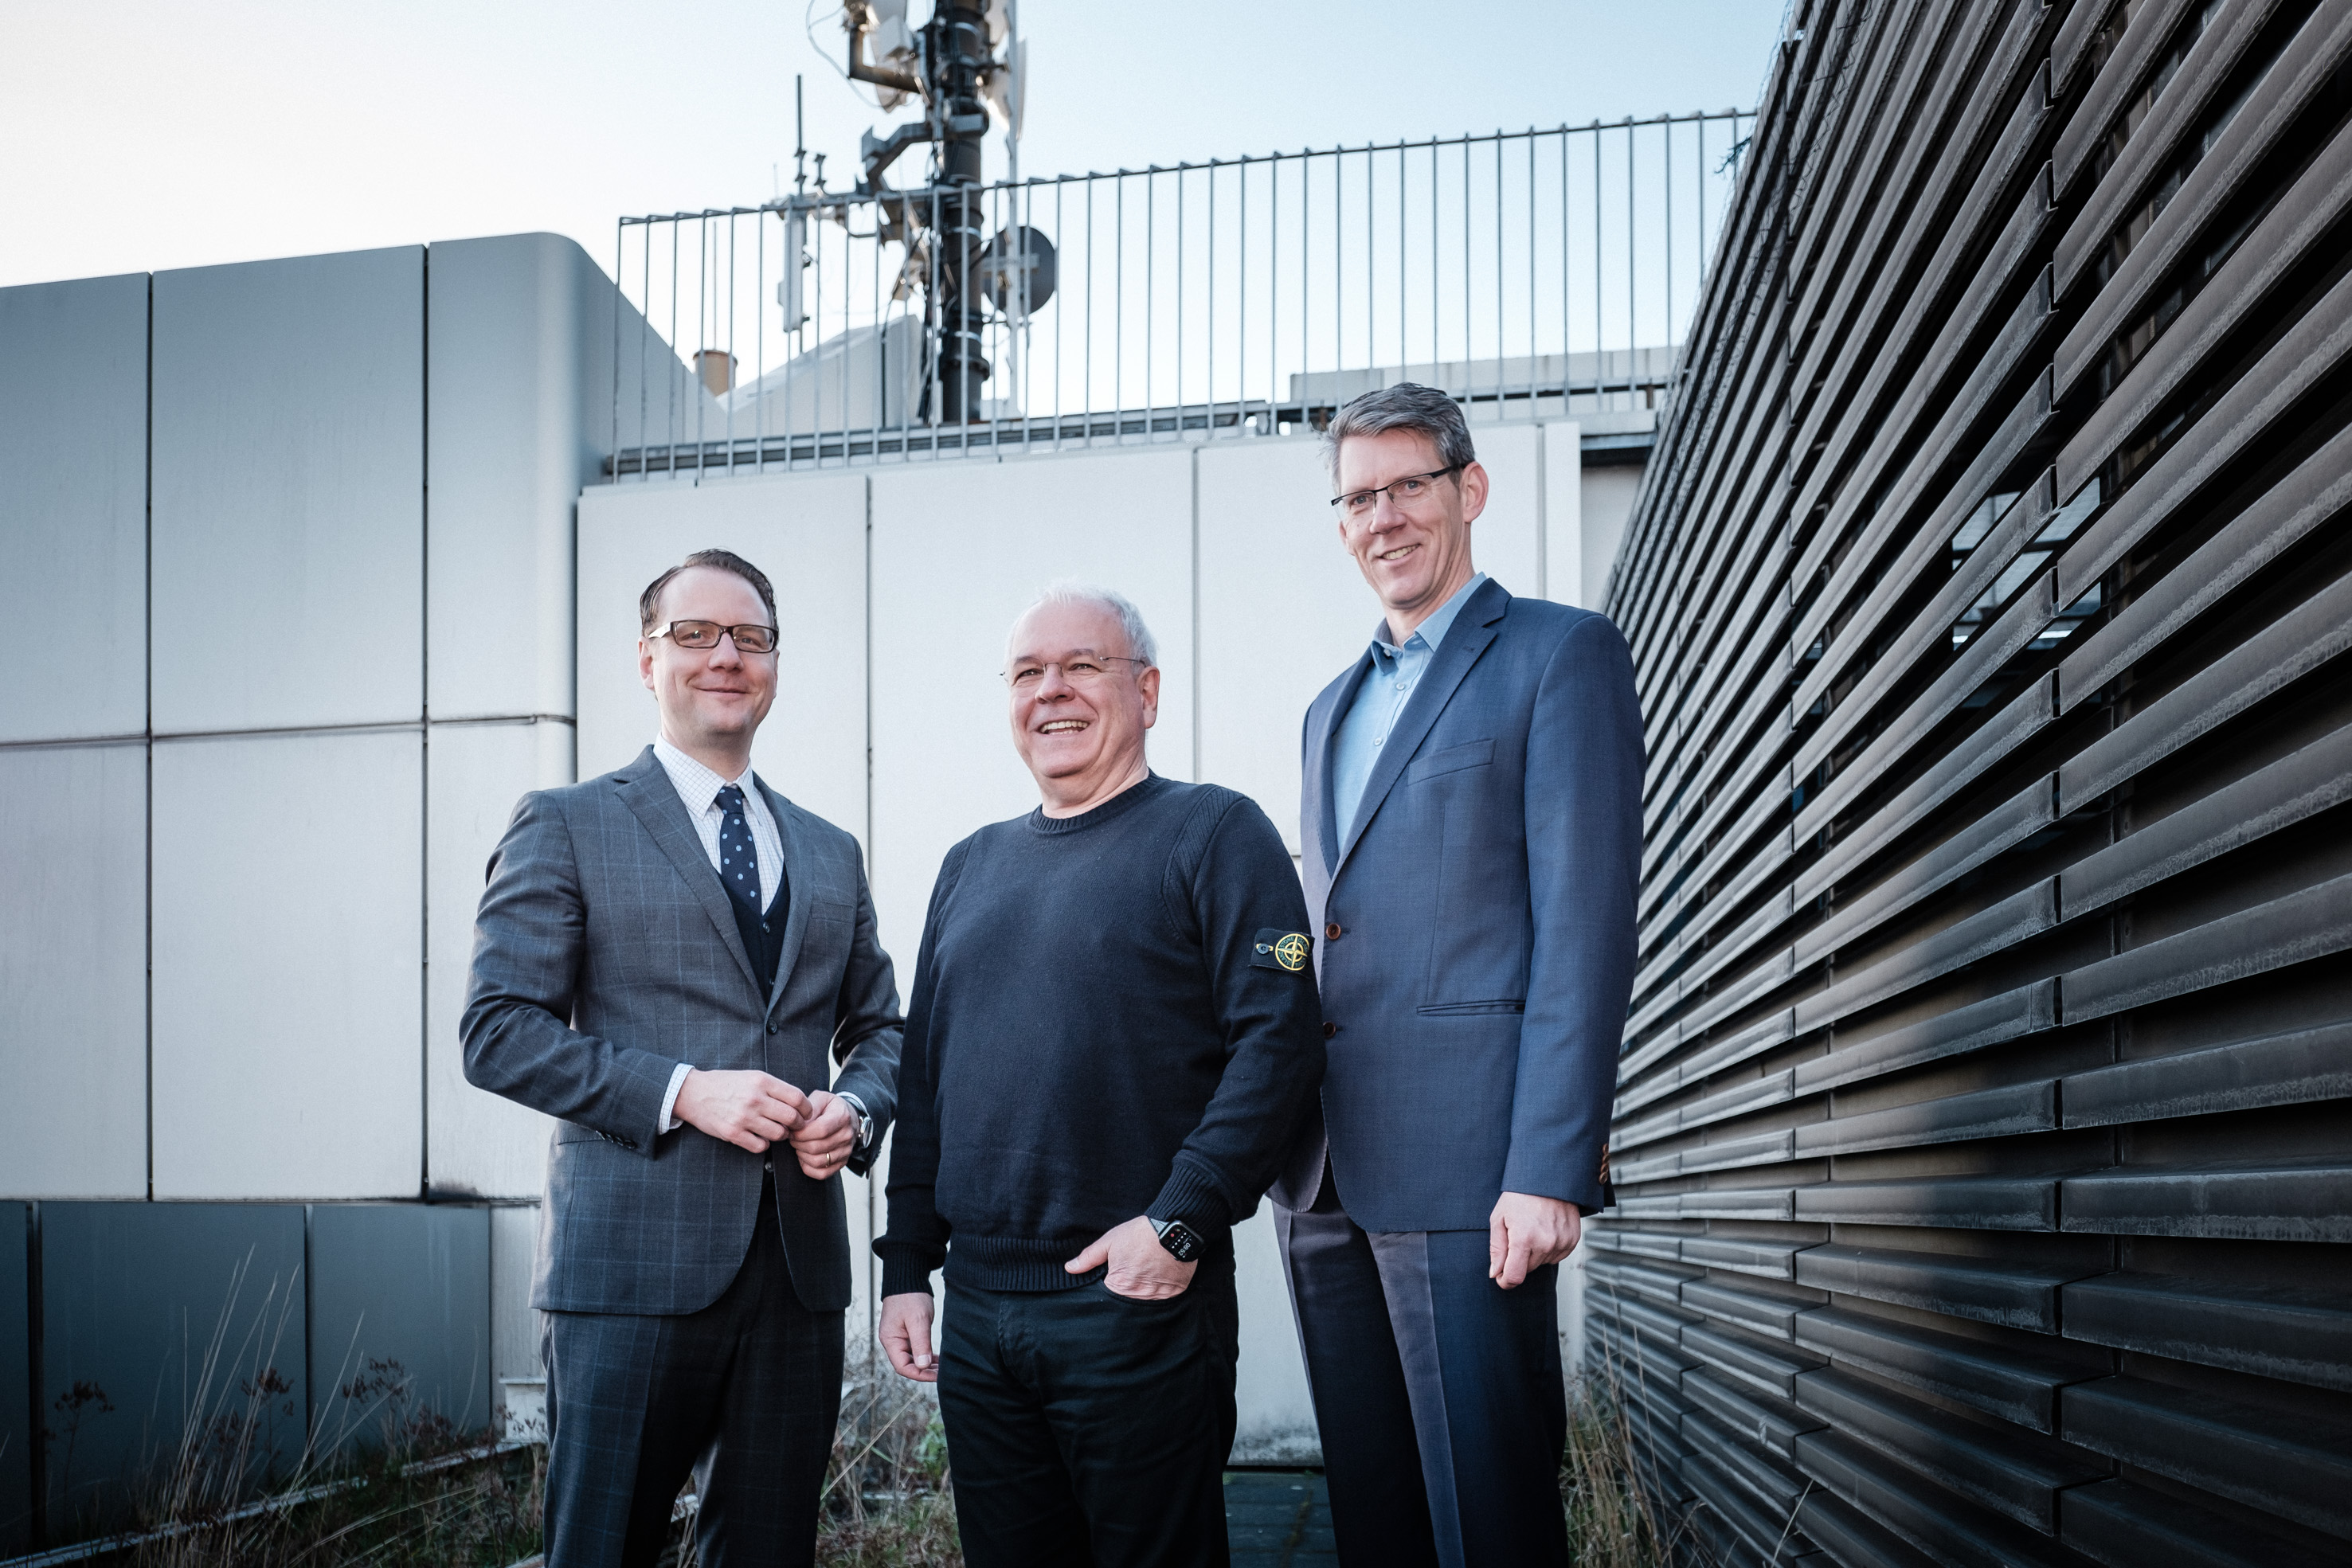 Gemeinsames Pilotprojekt von Stadt und Stadtwerken: Aufbau eines LoRaWAN-Funknetzes